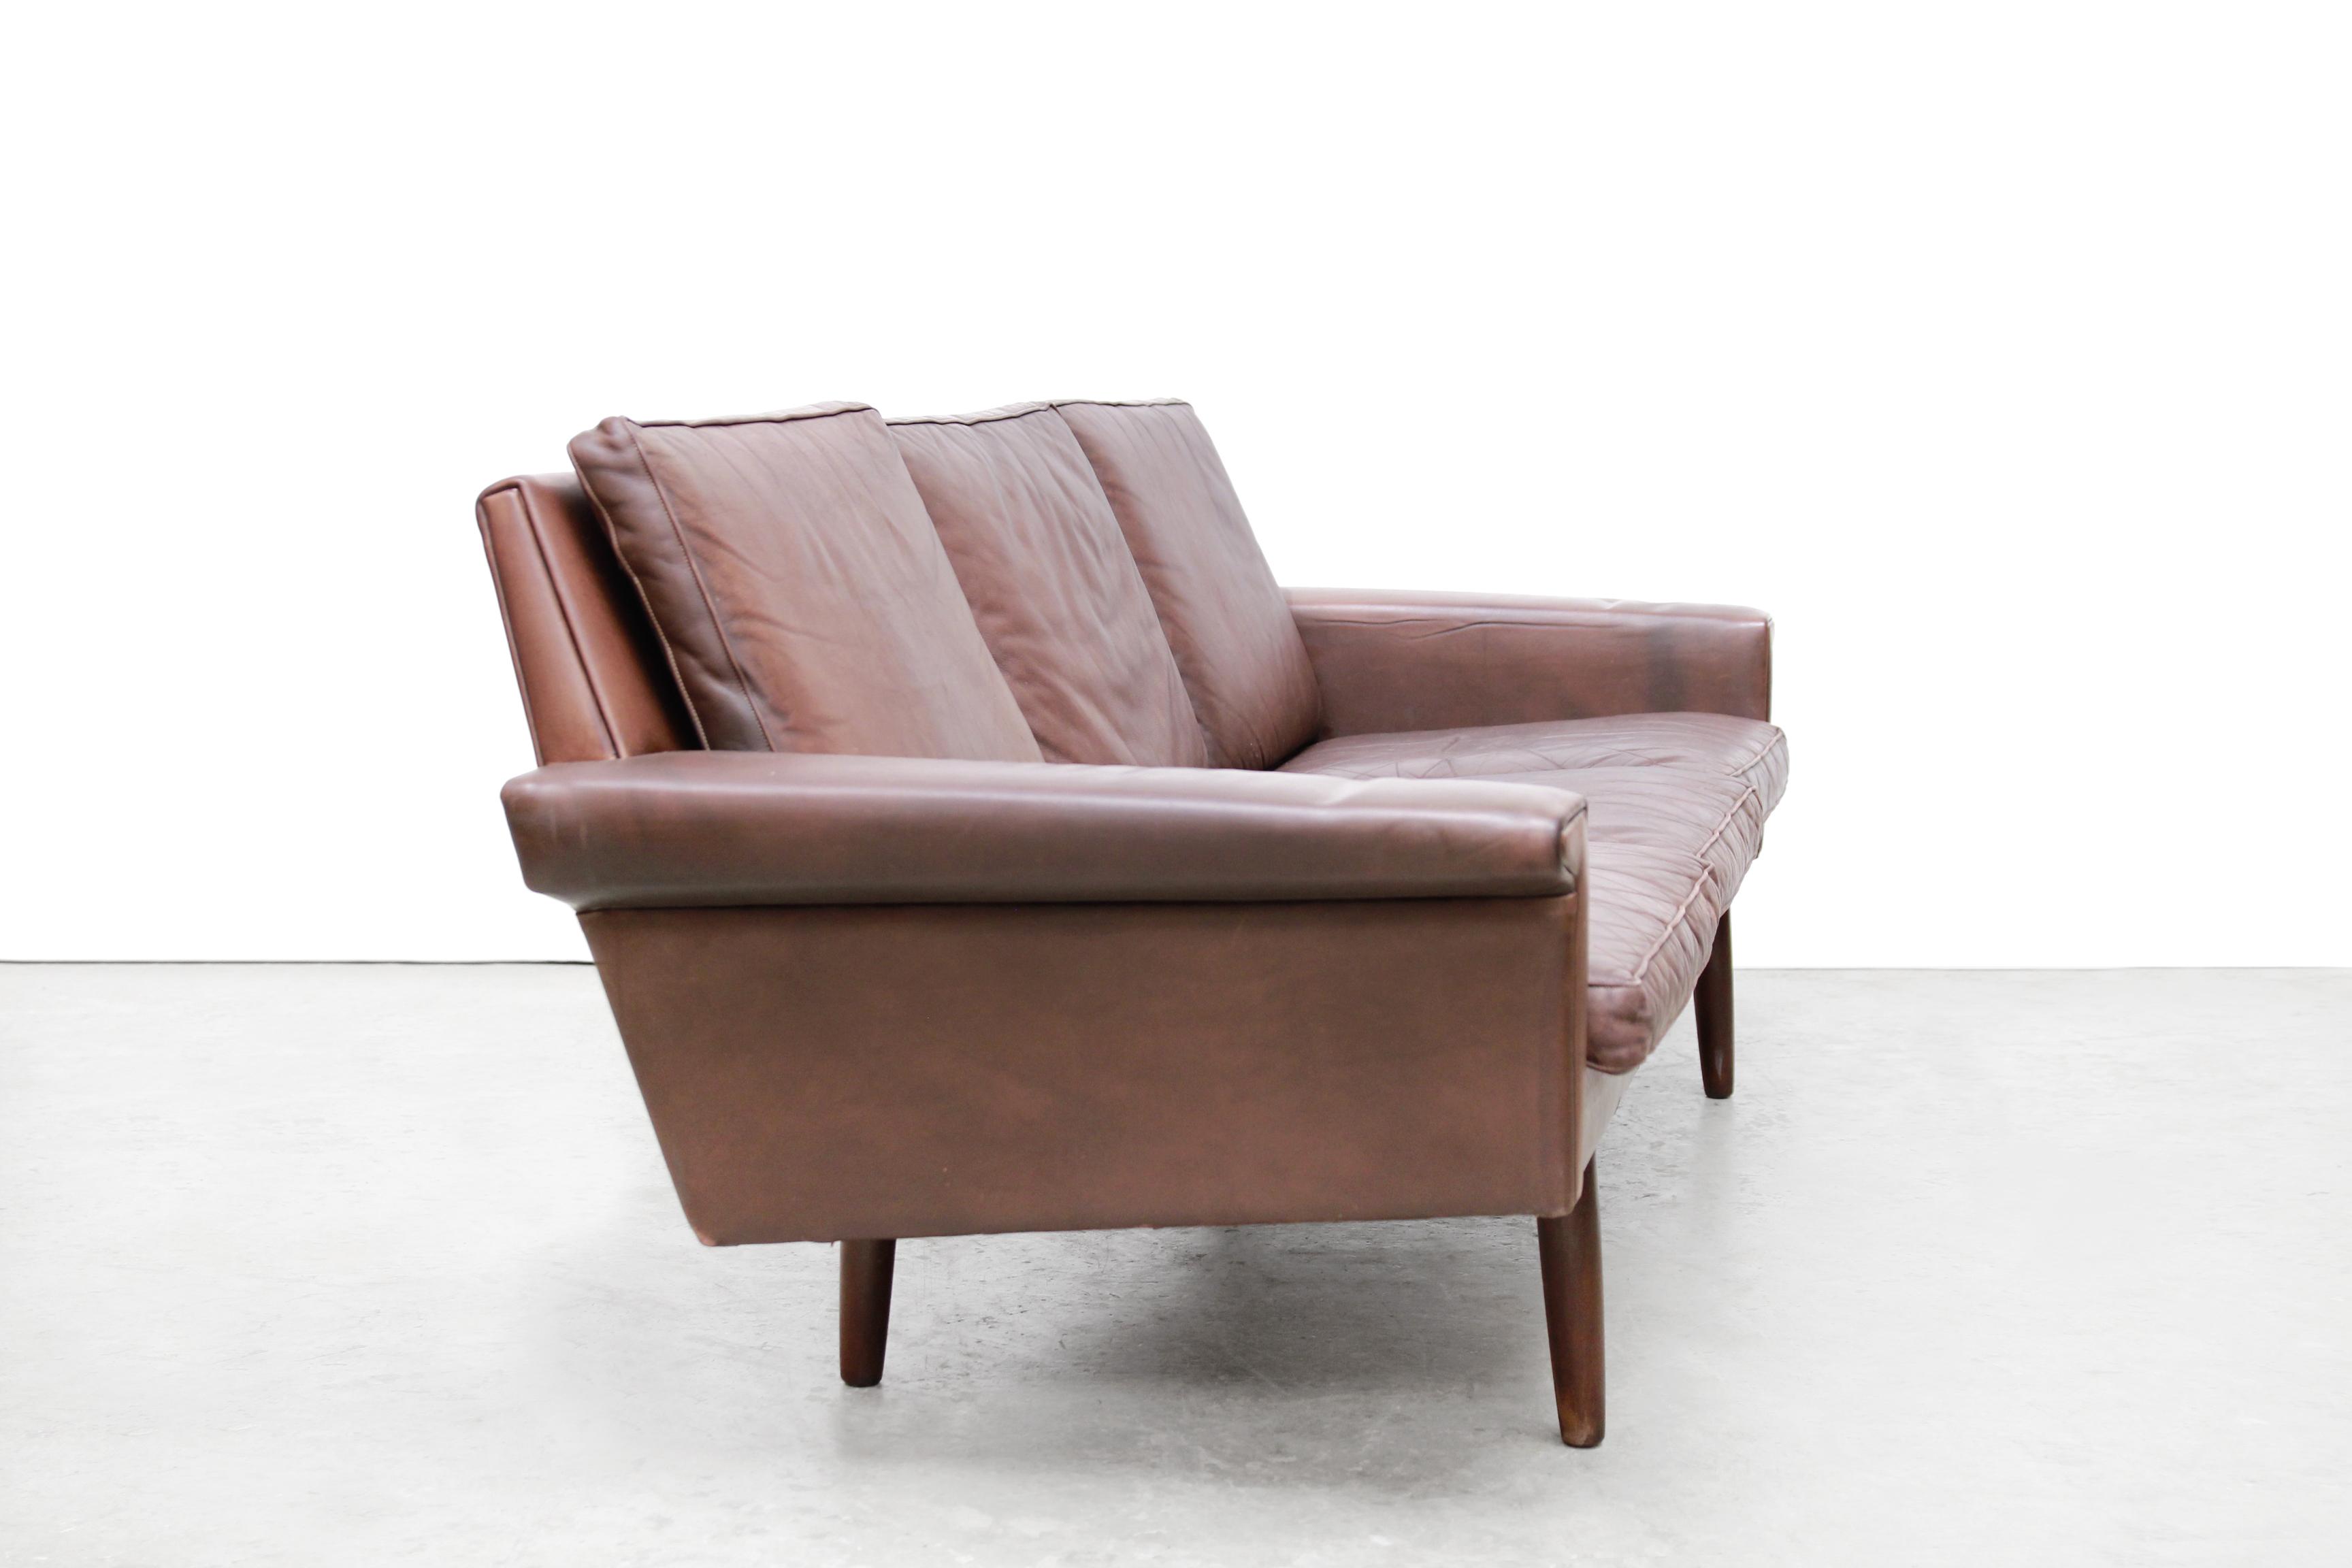 Bruin leren deens design bank leather danish design sofa geleefd